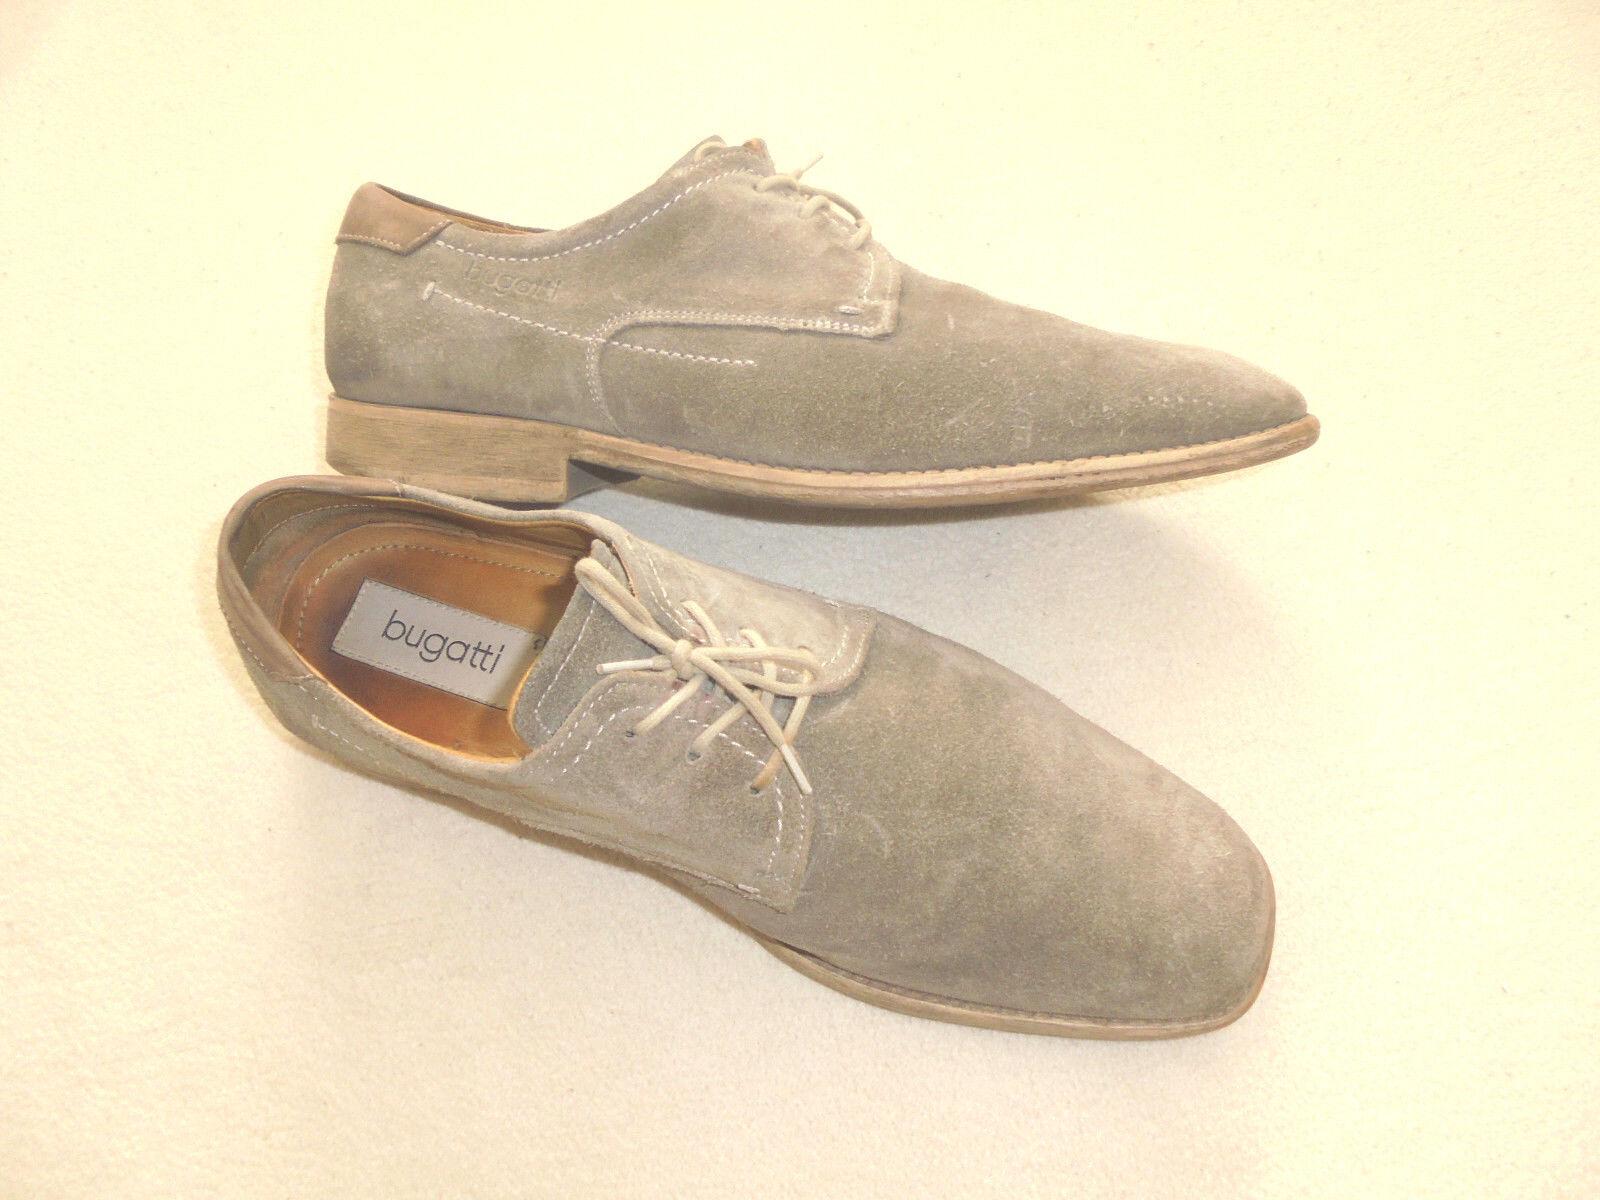 Bugatti Herren Schuhe Halbschuhe Gr Mens Shoes Lederschuhe Schnürer Gr Halbschuhe 40 c75a29